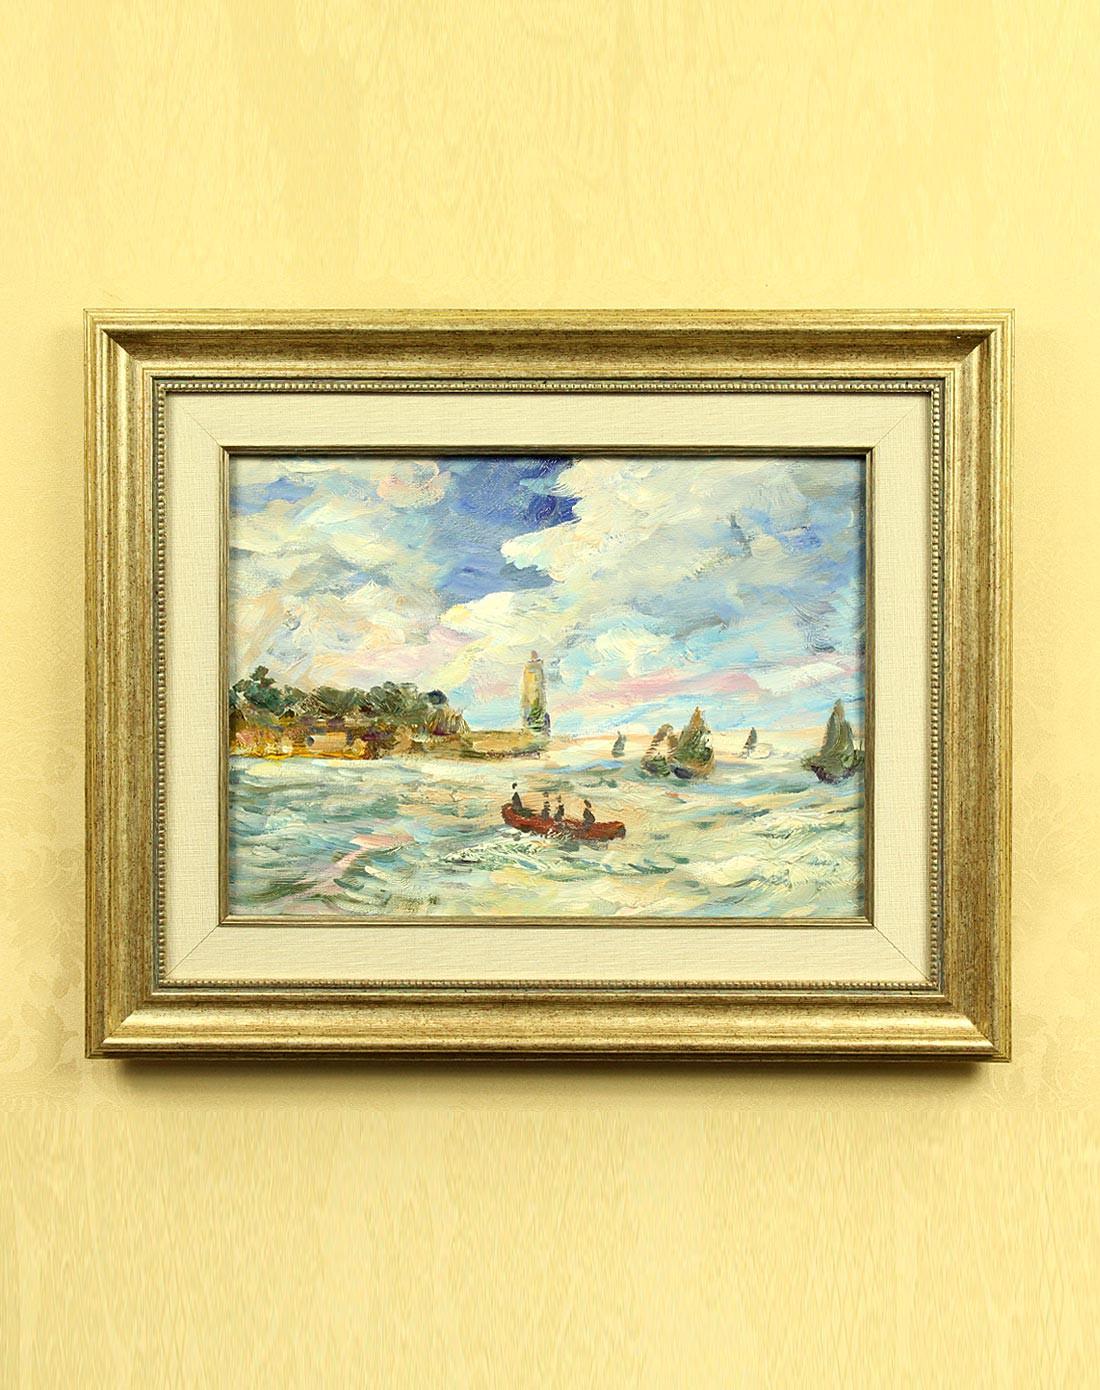 琪特qite纯手绘油画海上小船yh-1038yh-1038